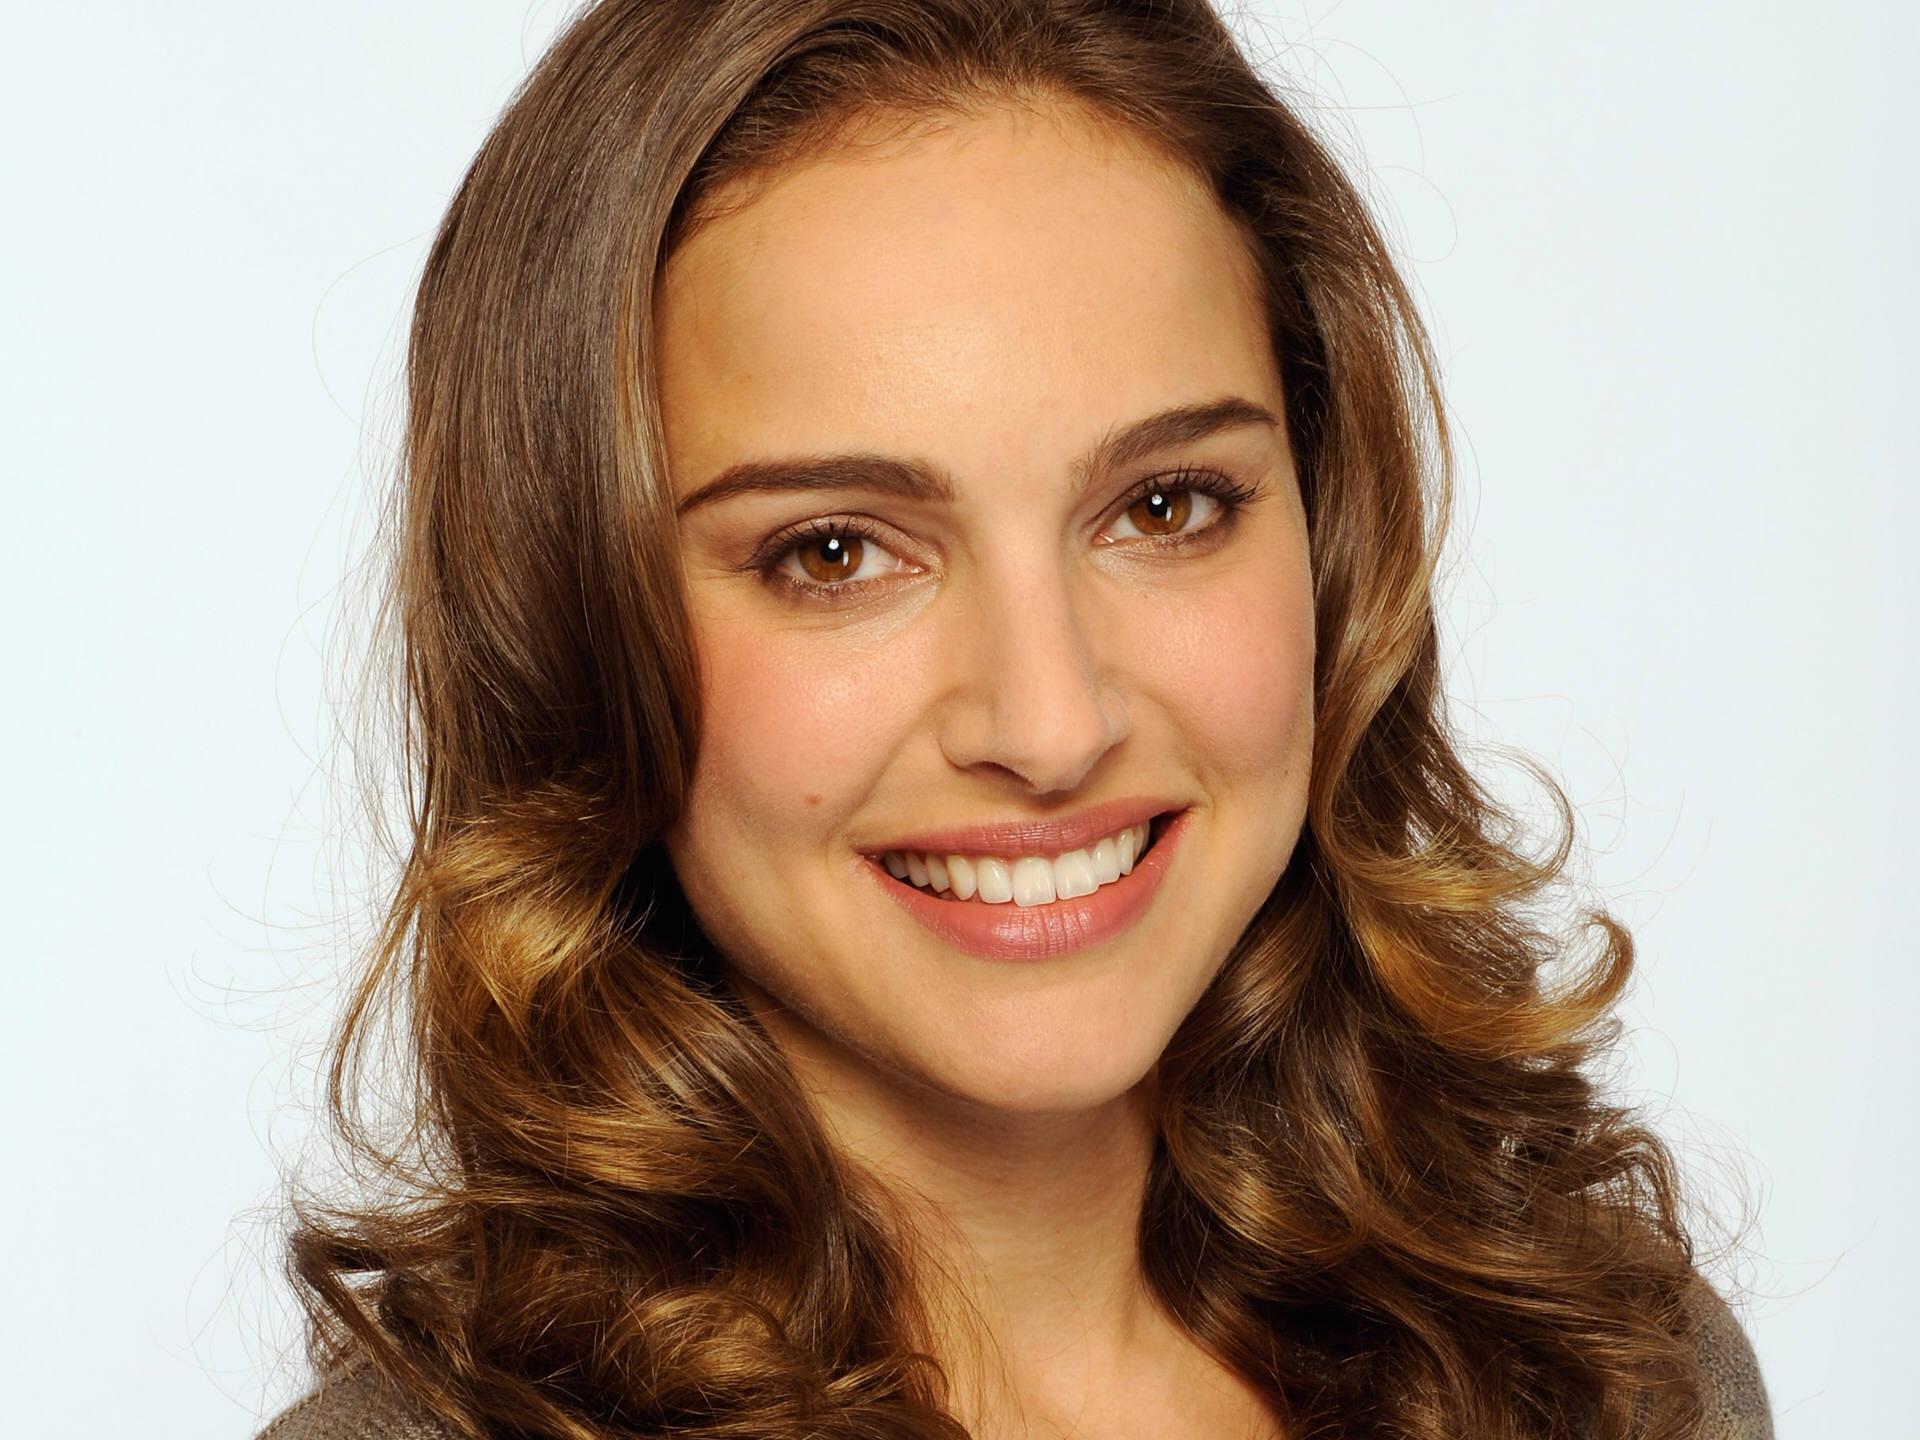 Natalie Portman buys into Natalie Portman